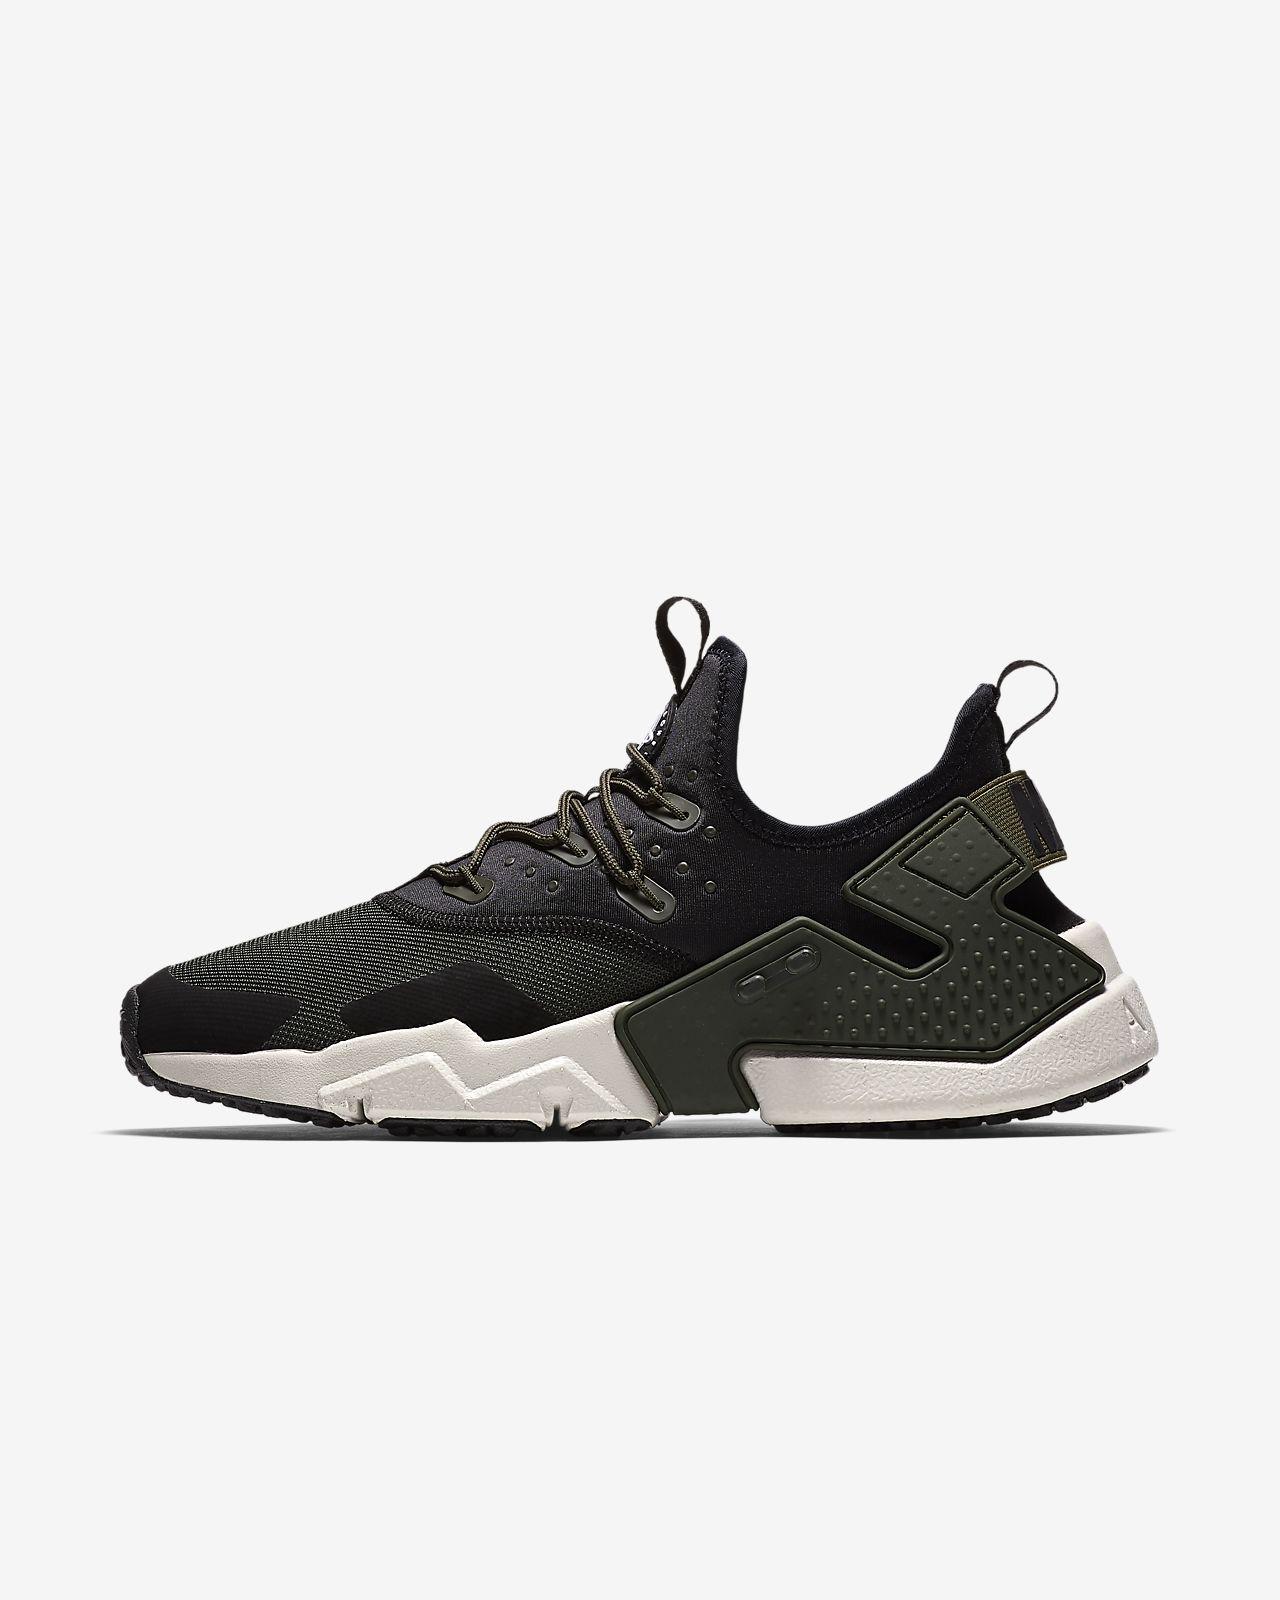 63cd92dc9e ... BLACK / WHITE. Chaussure Nike Air Huarache Drift pour Homme ...